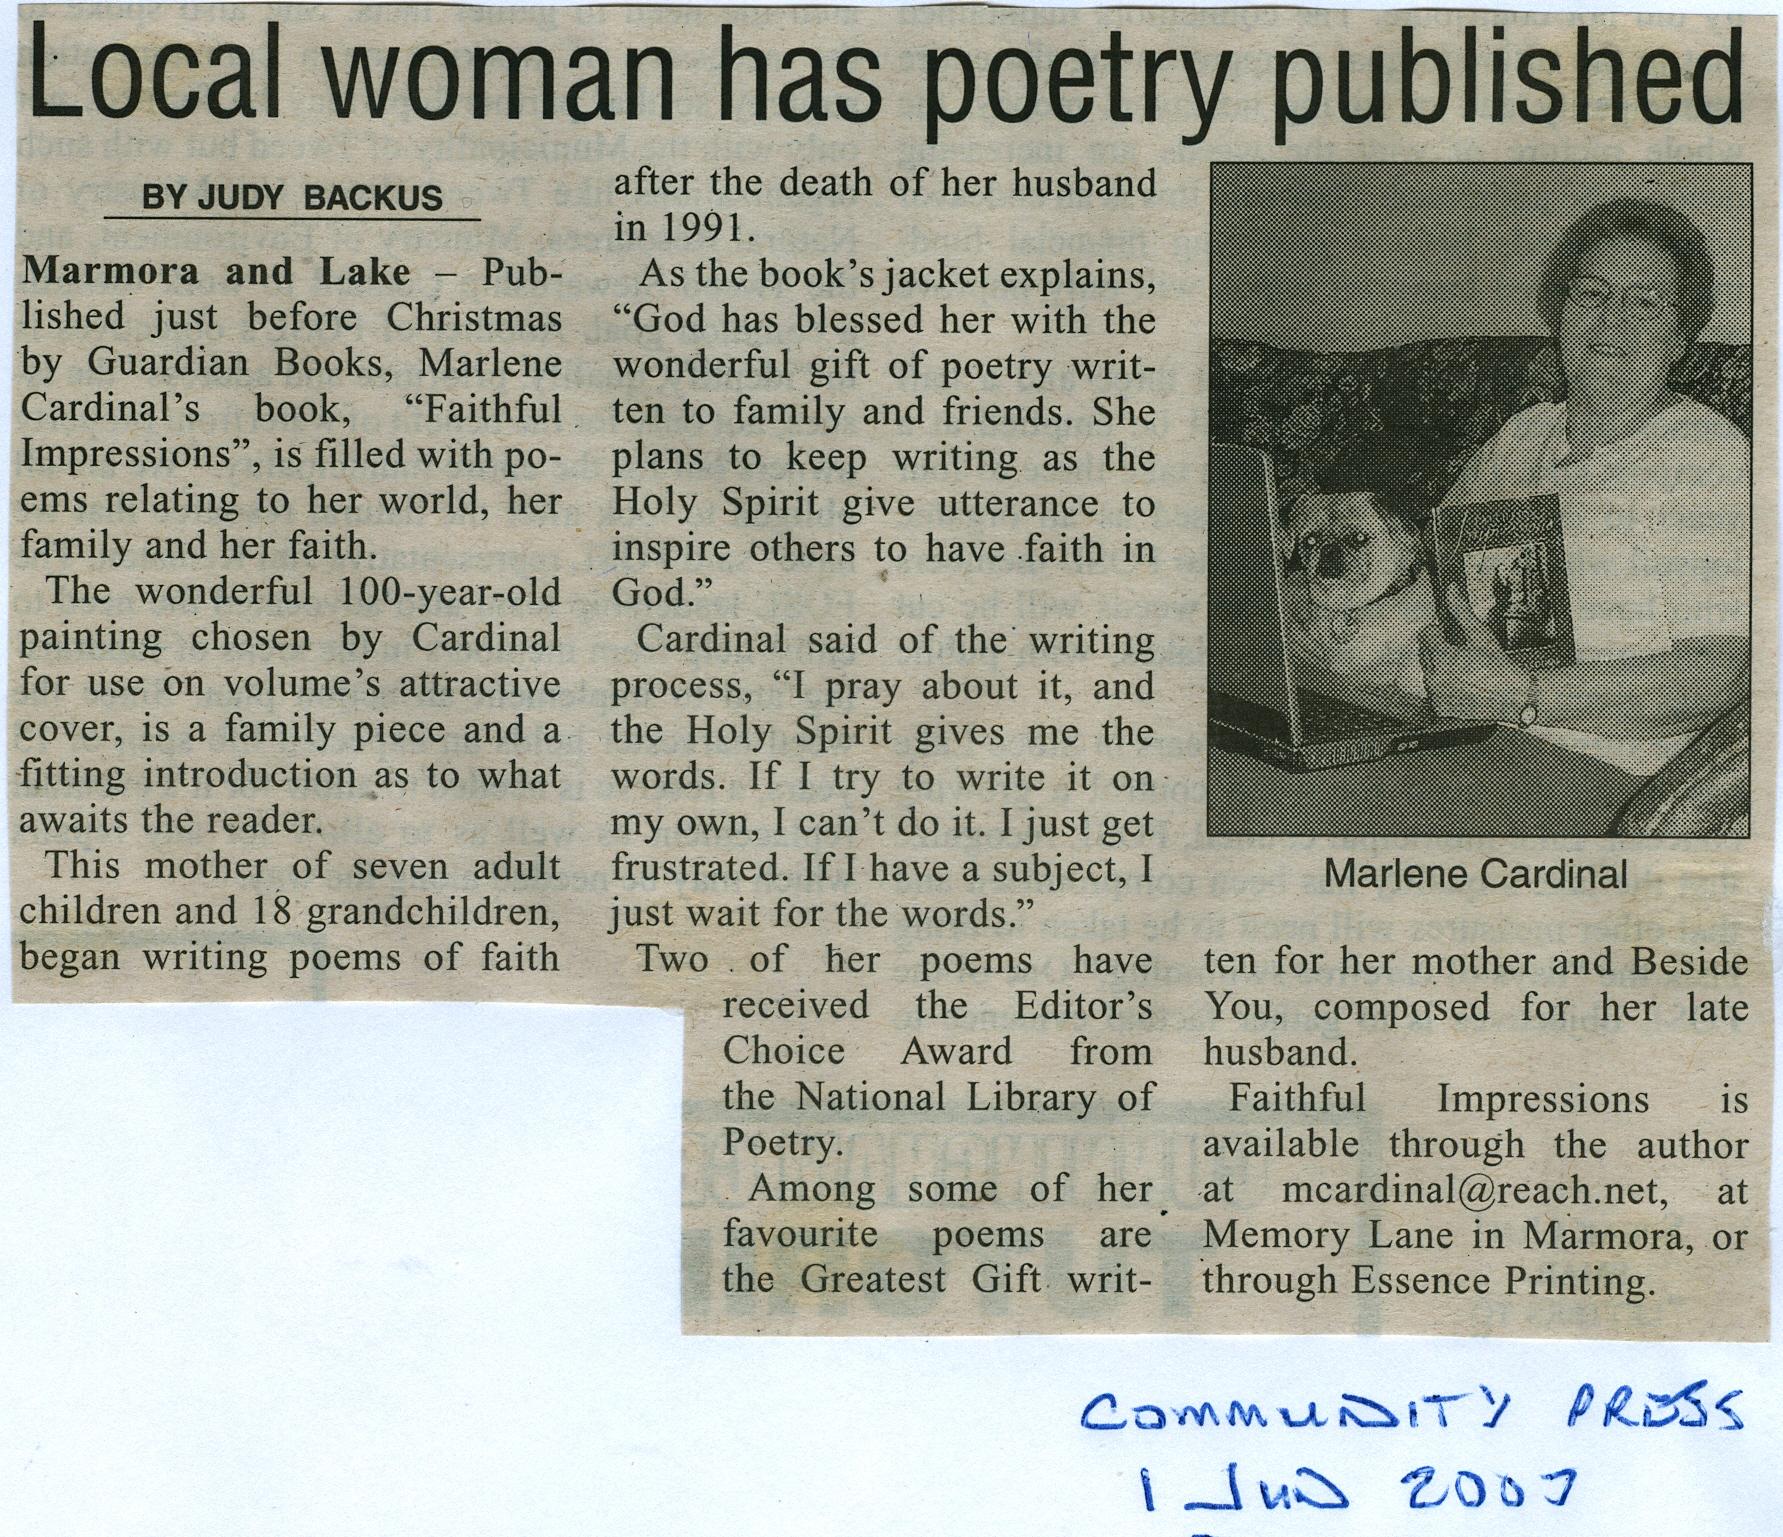 Marlene Cardinal - poet